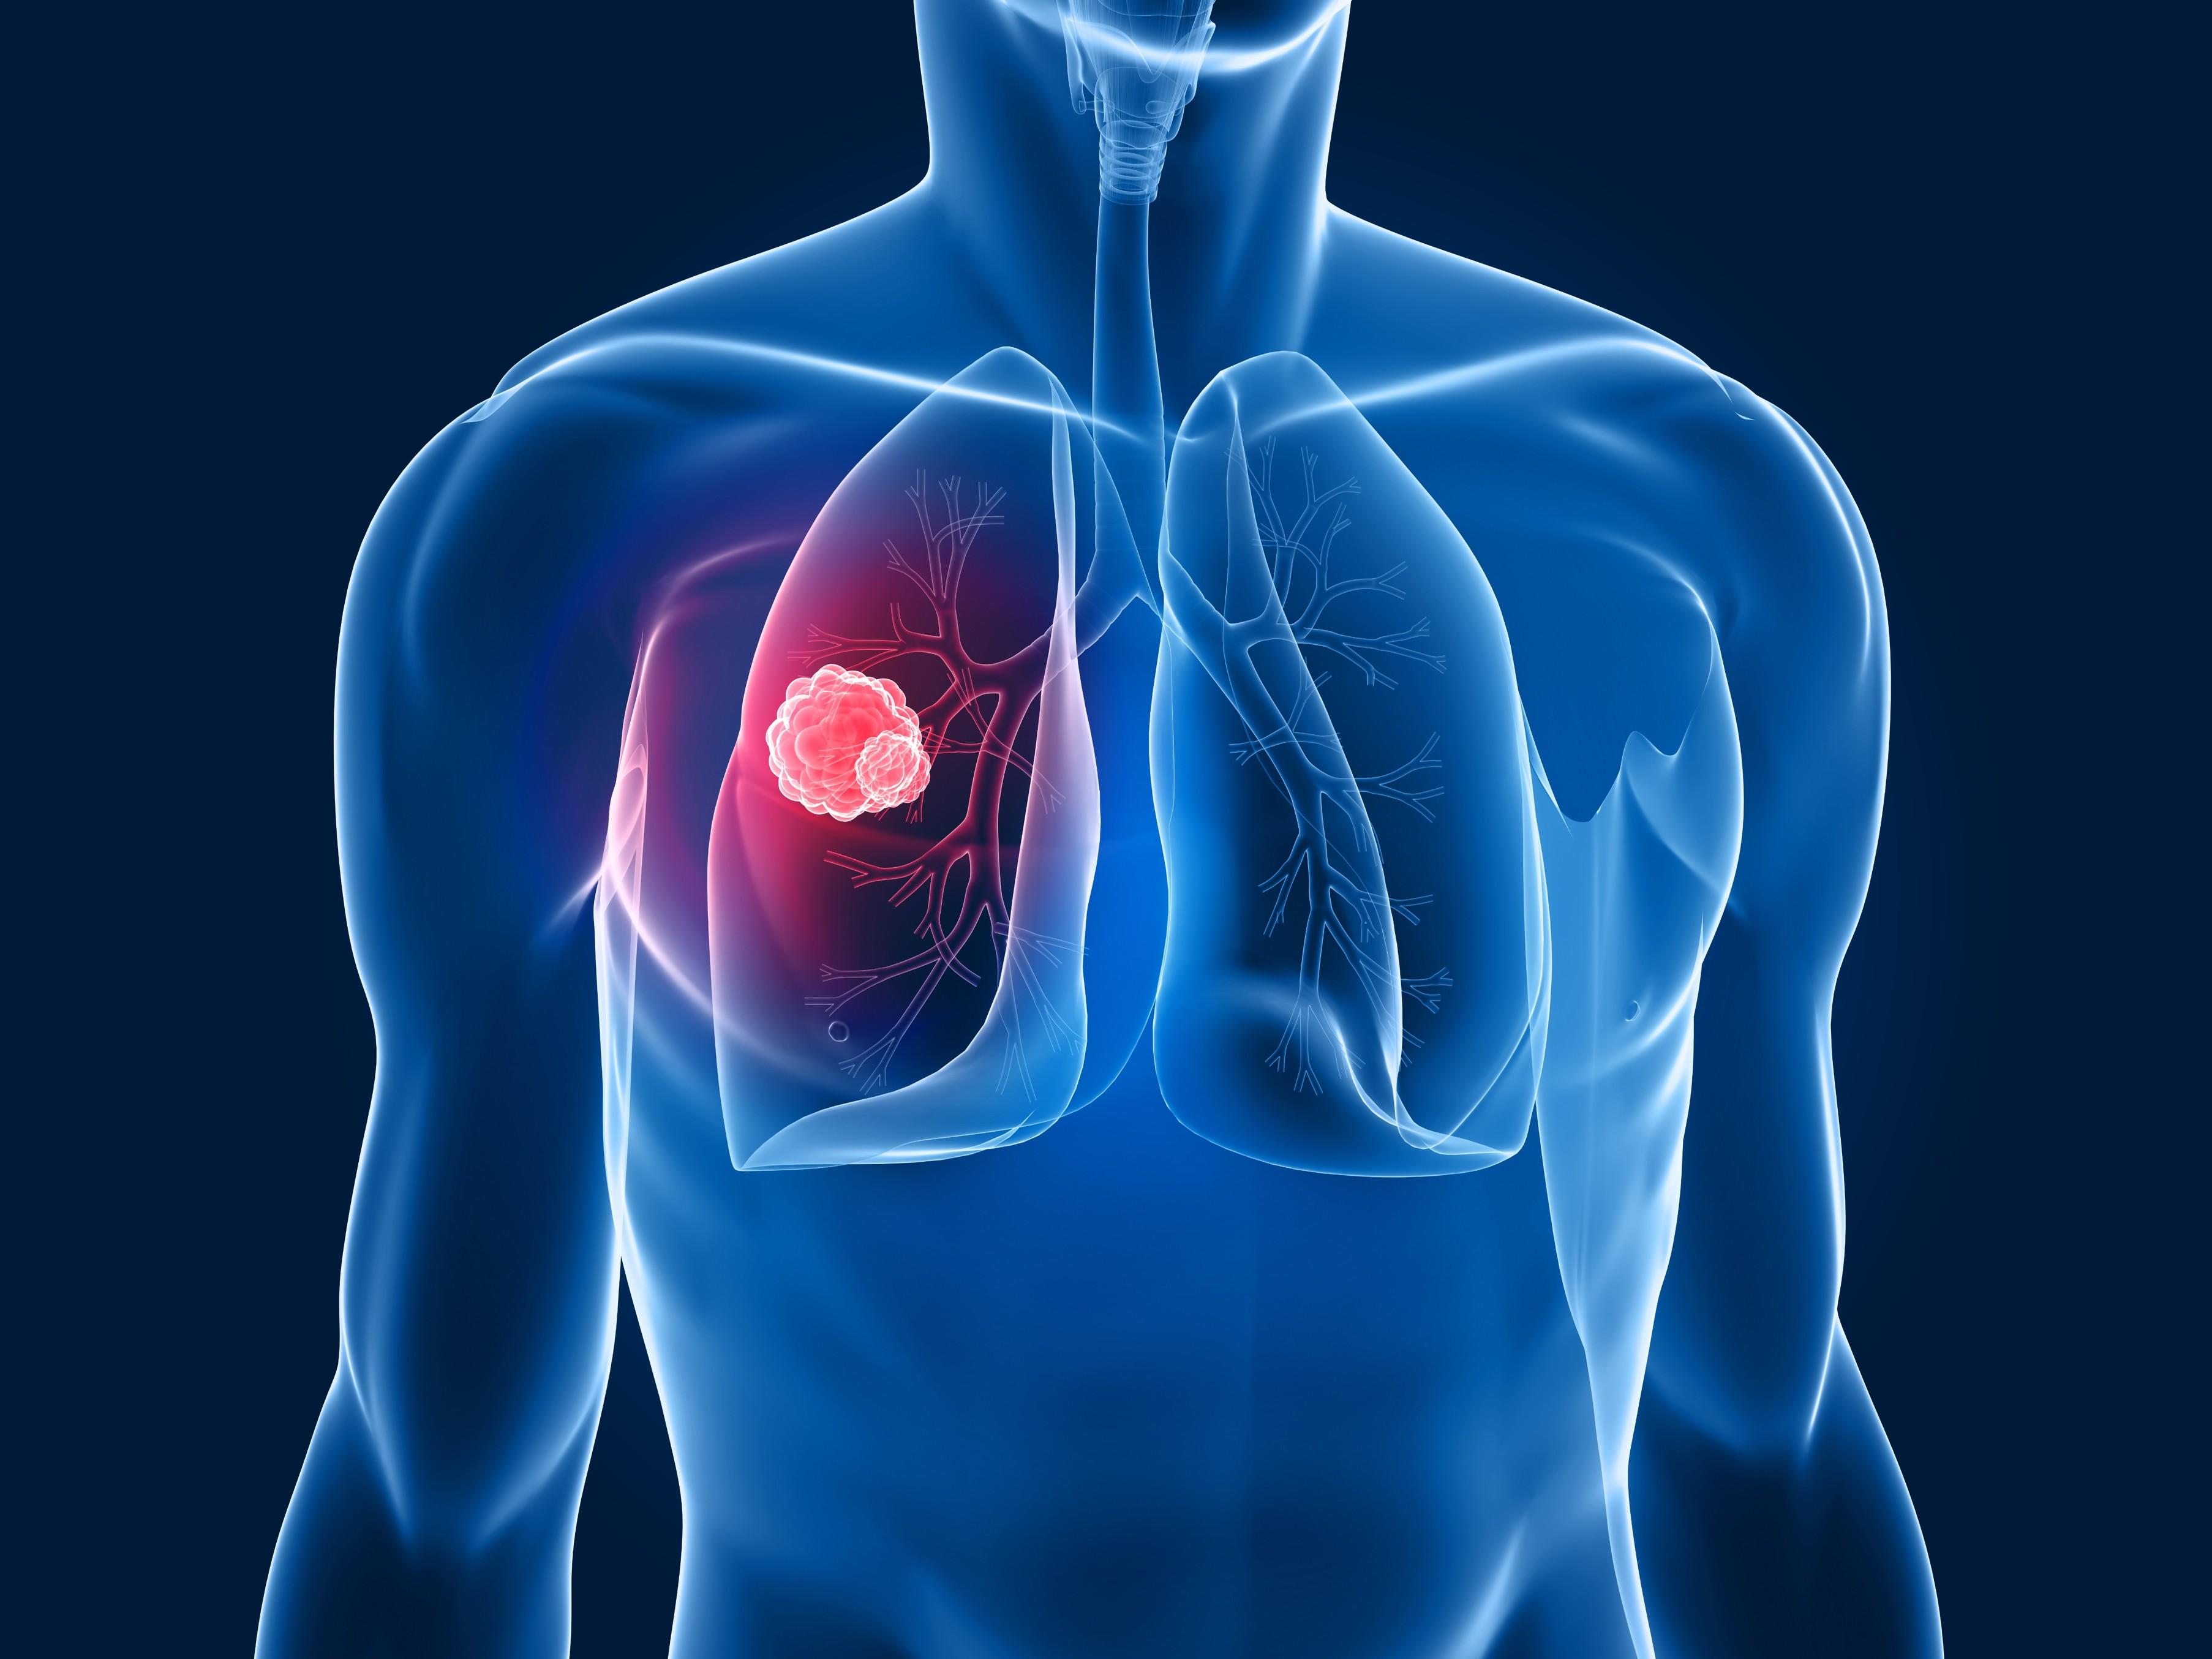 Tumore al polmone: immunoterapia Roche porta a 13,8 mesi la sopravvivenza media dei pazienti